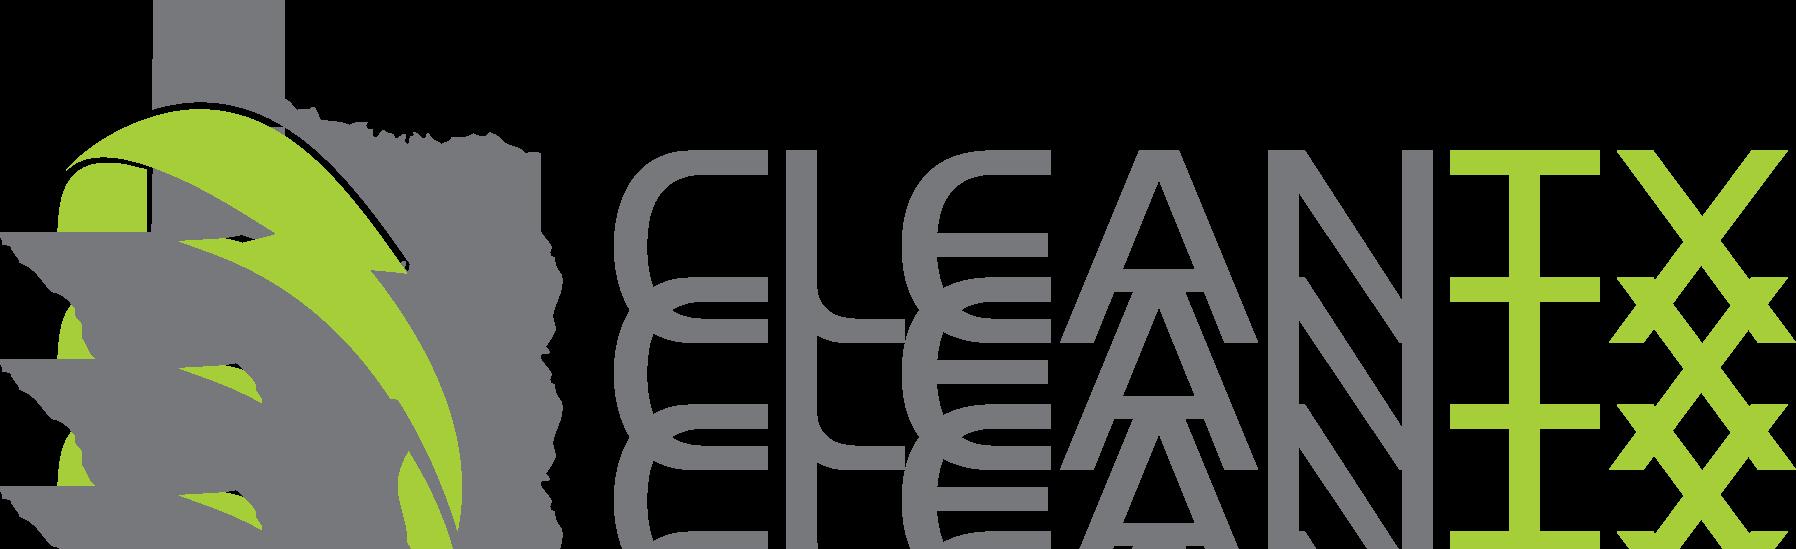 cleantx